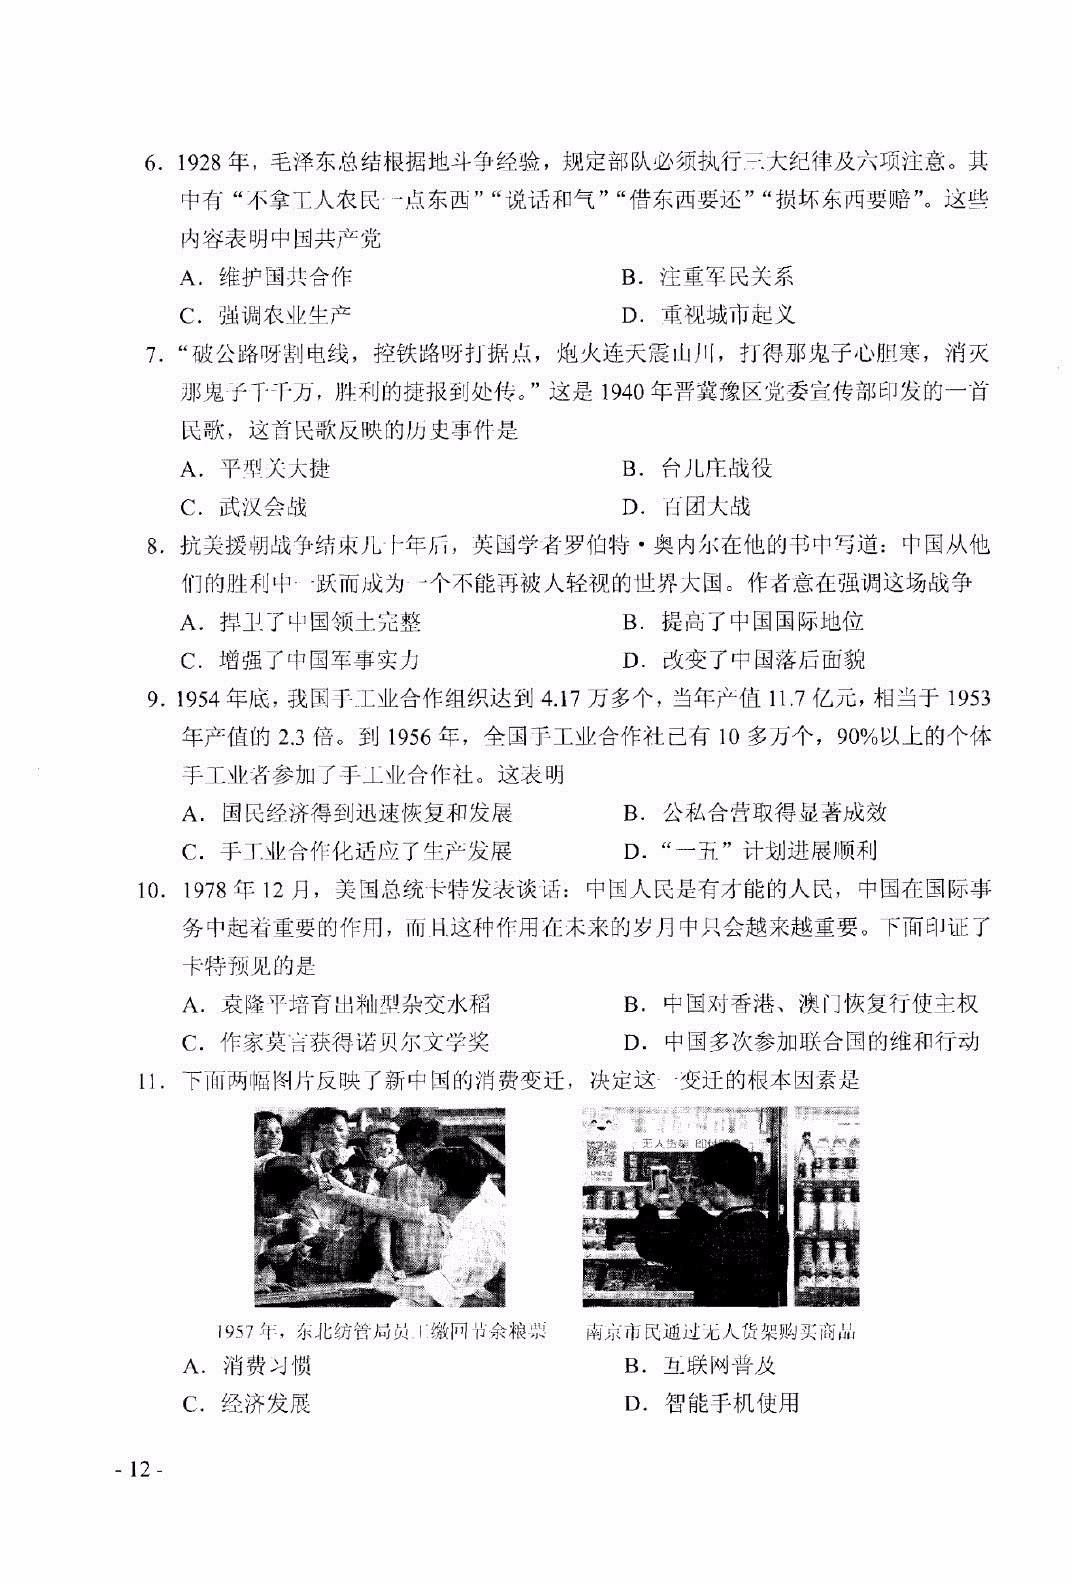 2019年河南中考《历史》真题及答案已公布